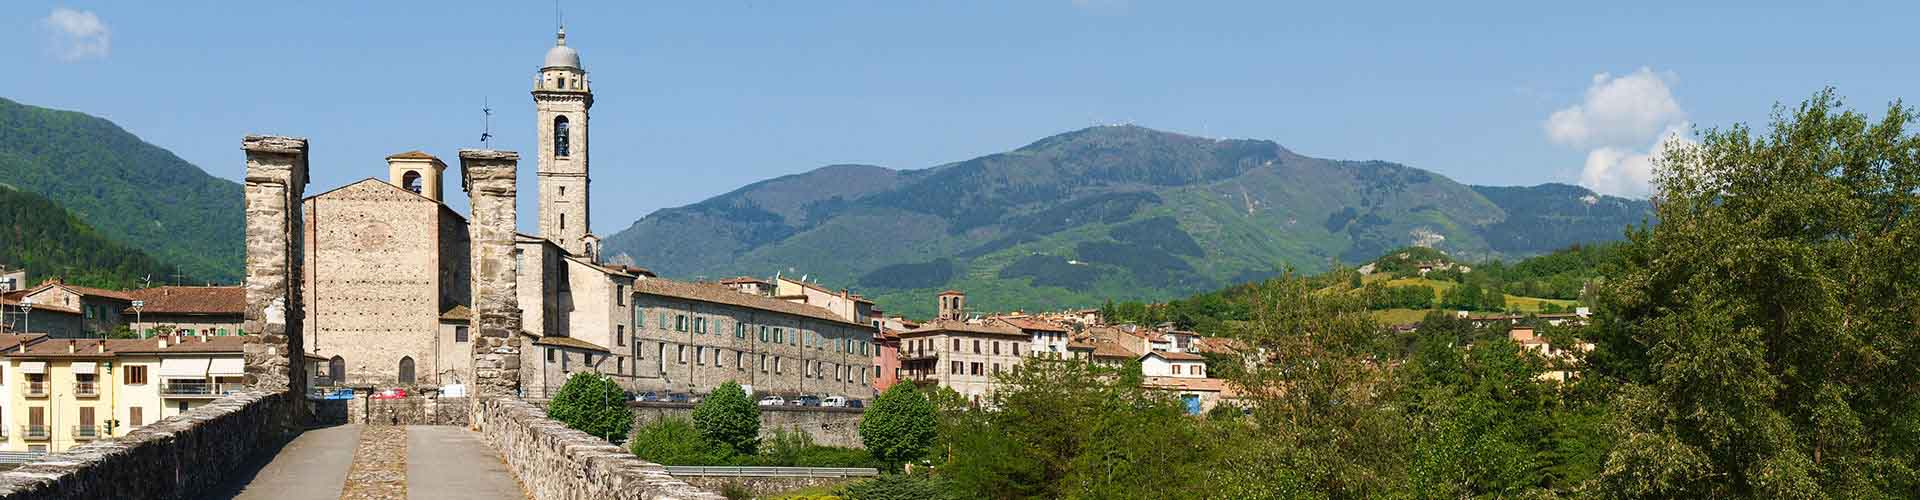 Piacenza – Hostels in Piacenza. Piacenza auf der Karte. Fotos und Bewertungen für jedes Hostel in Piacenza.